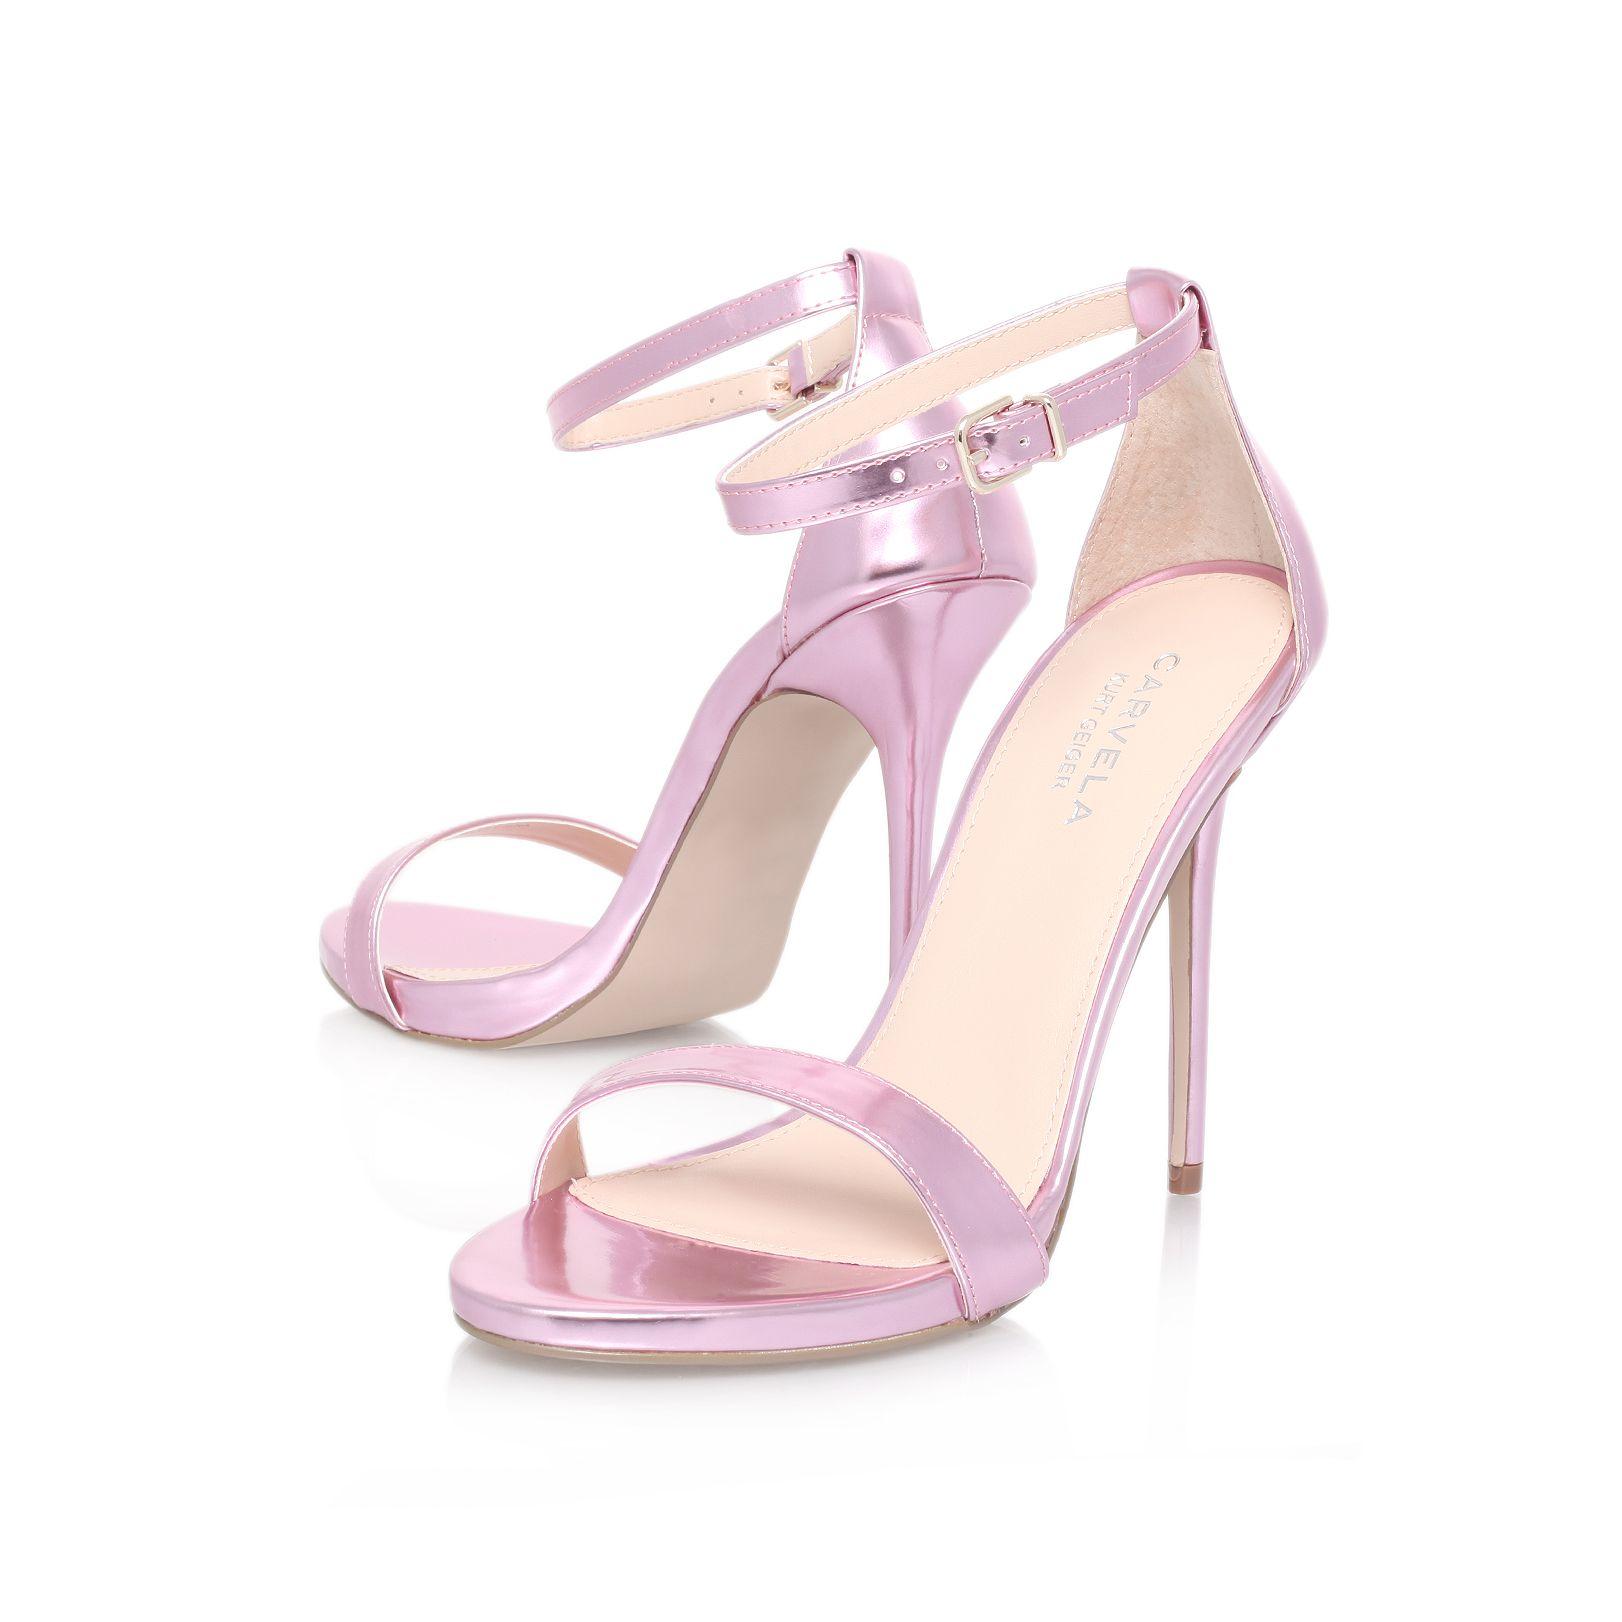 carvela kurt geiger glacier high heel sandals in pink lyst. Black Bedroom Furniture Sets. Home Design Ideas